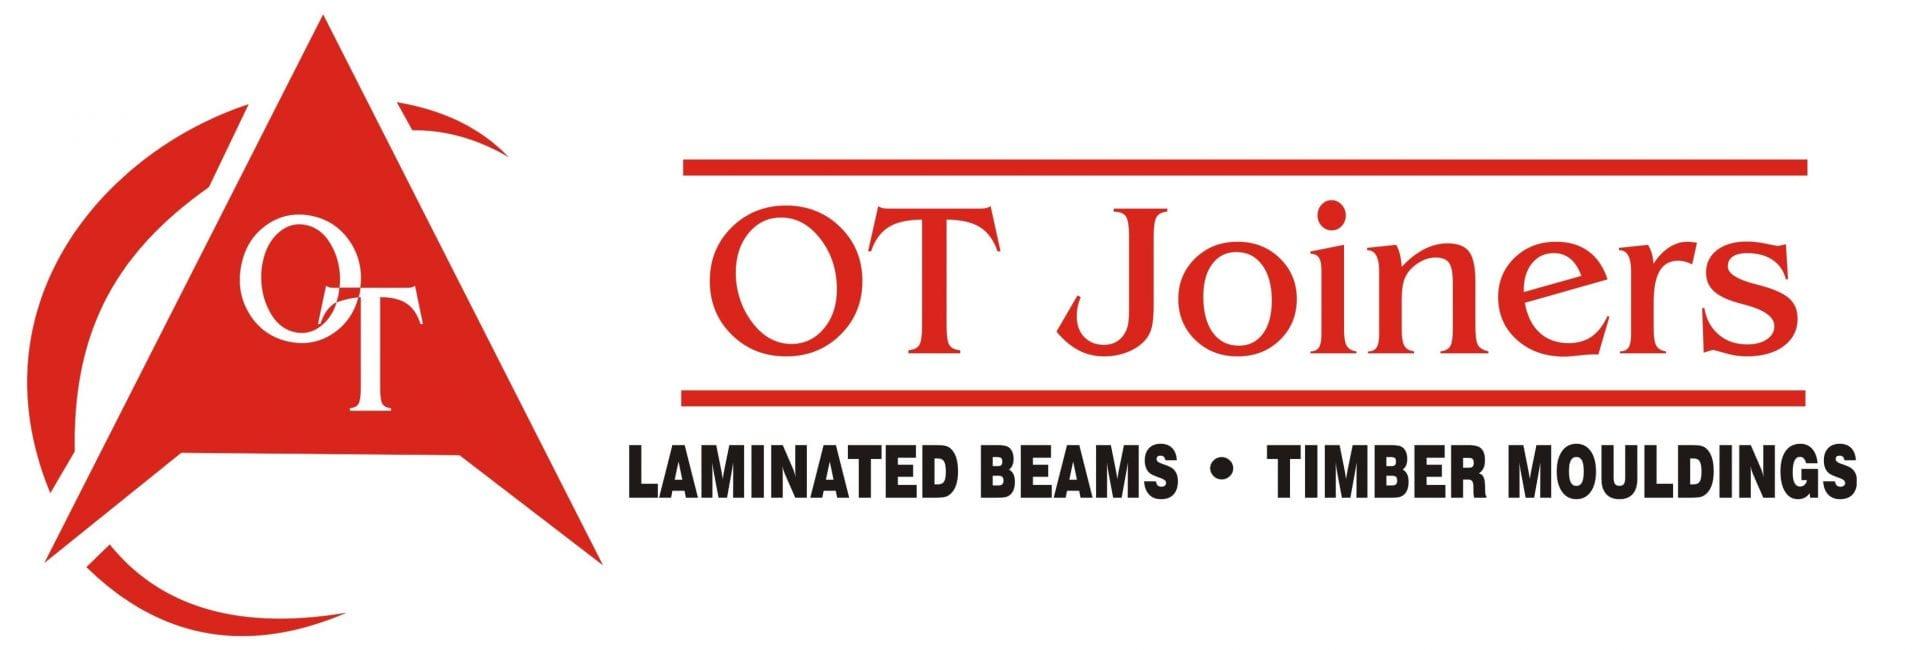 OT Joiners LOGO - 2 (002)